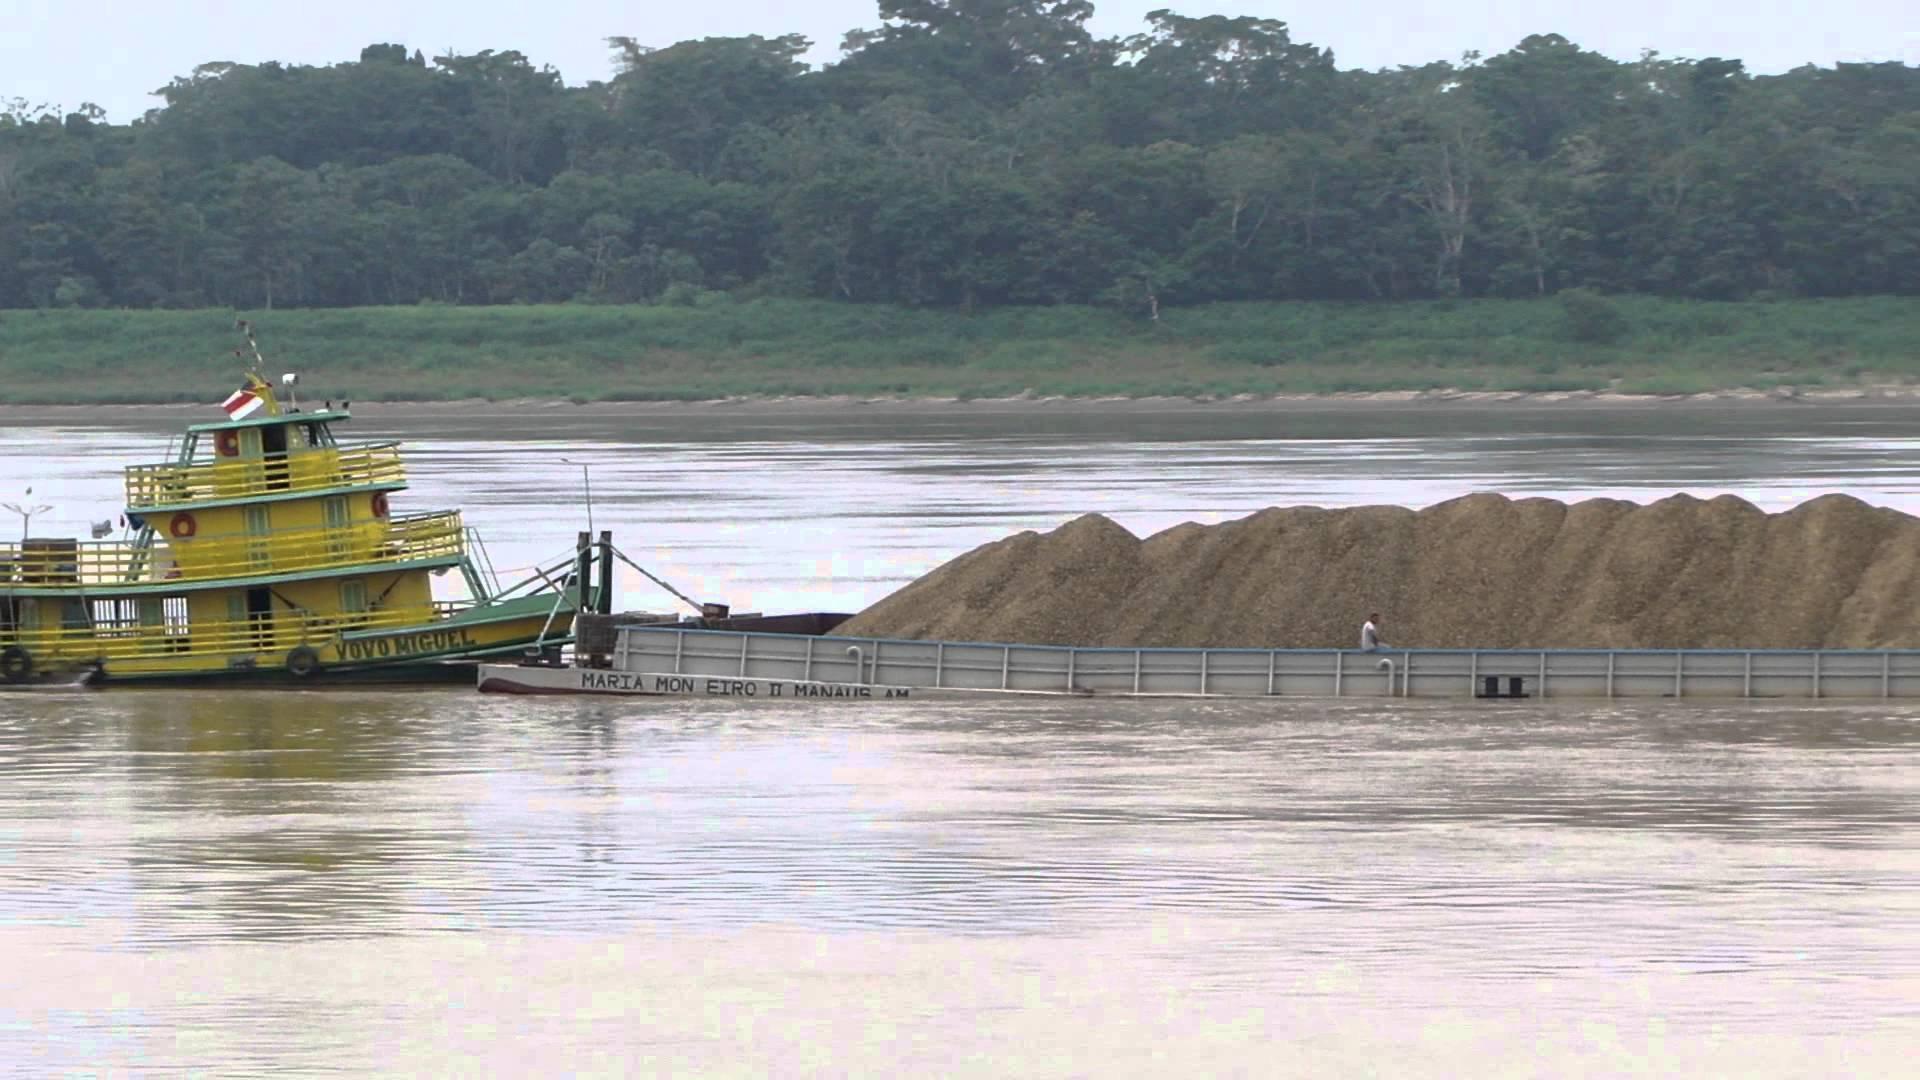 Transporte de Minério em Balsas na Região Amazônica Amazonas Rondônia Pará